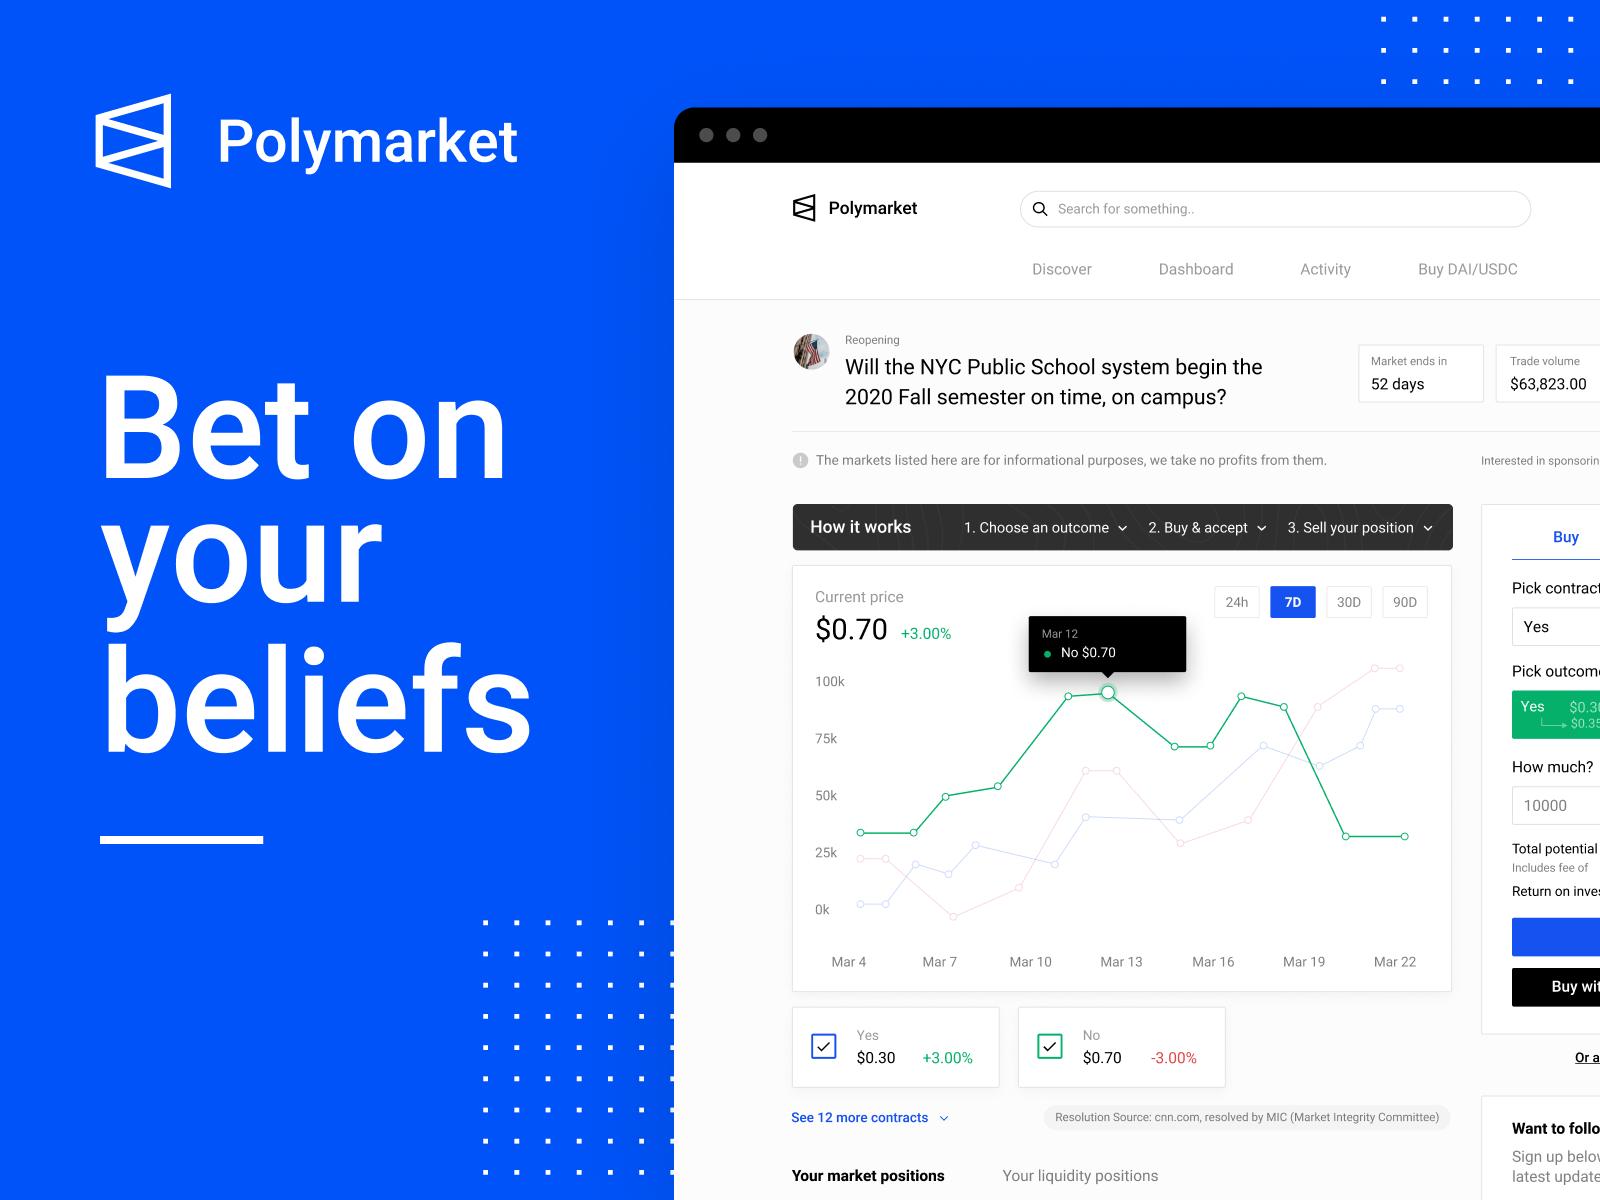 polymarket.com